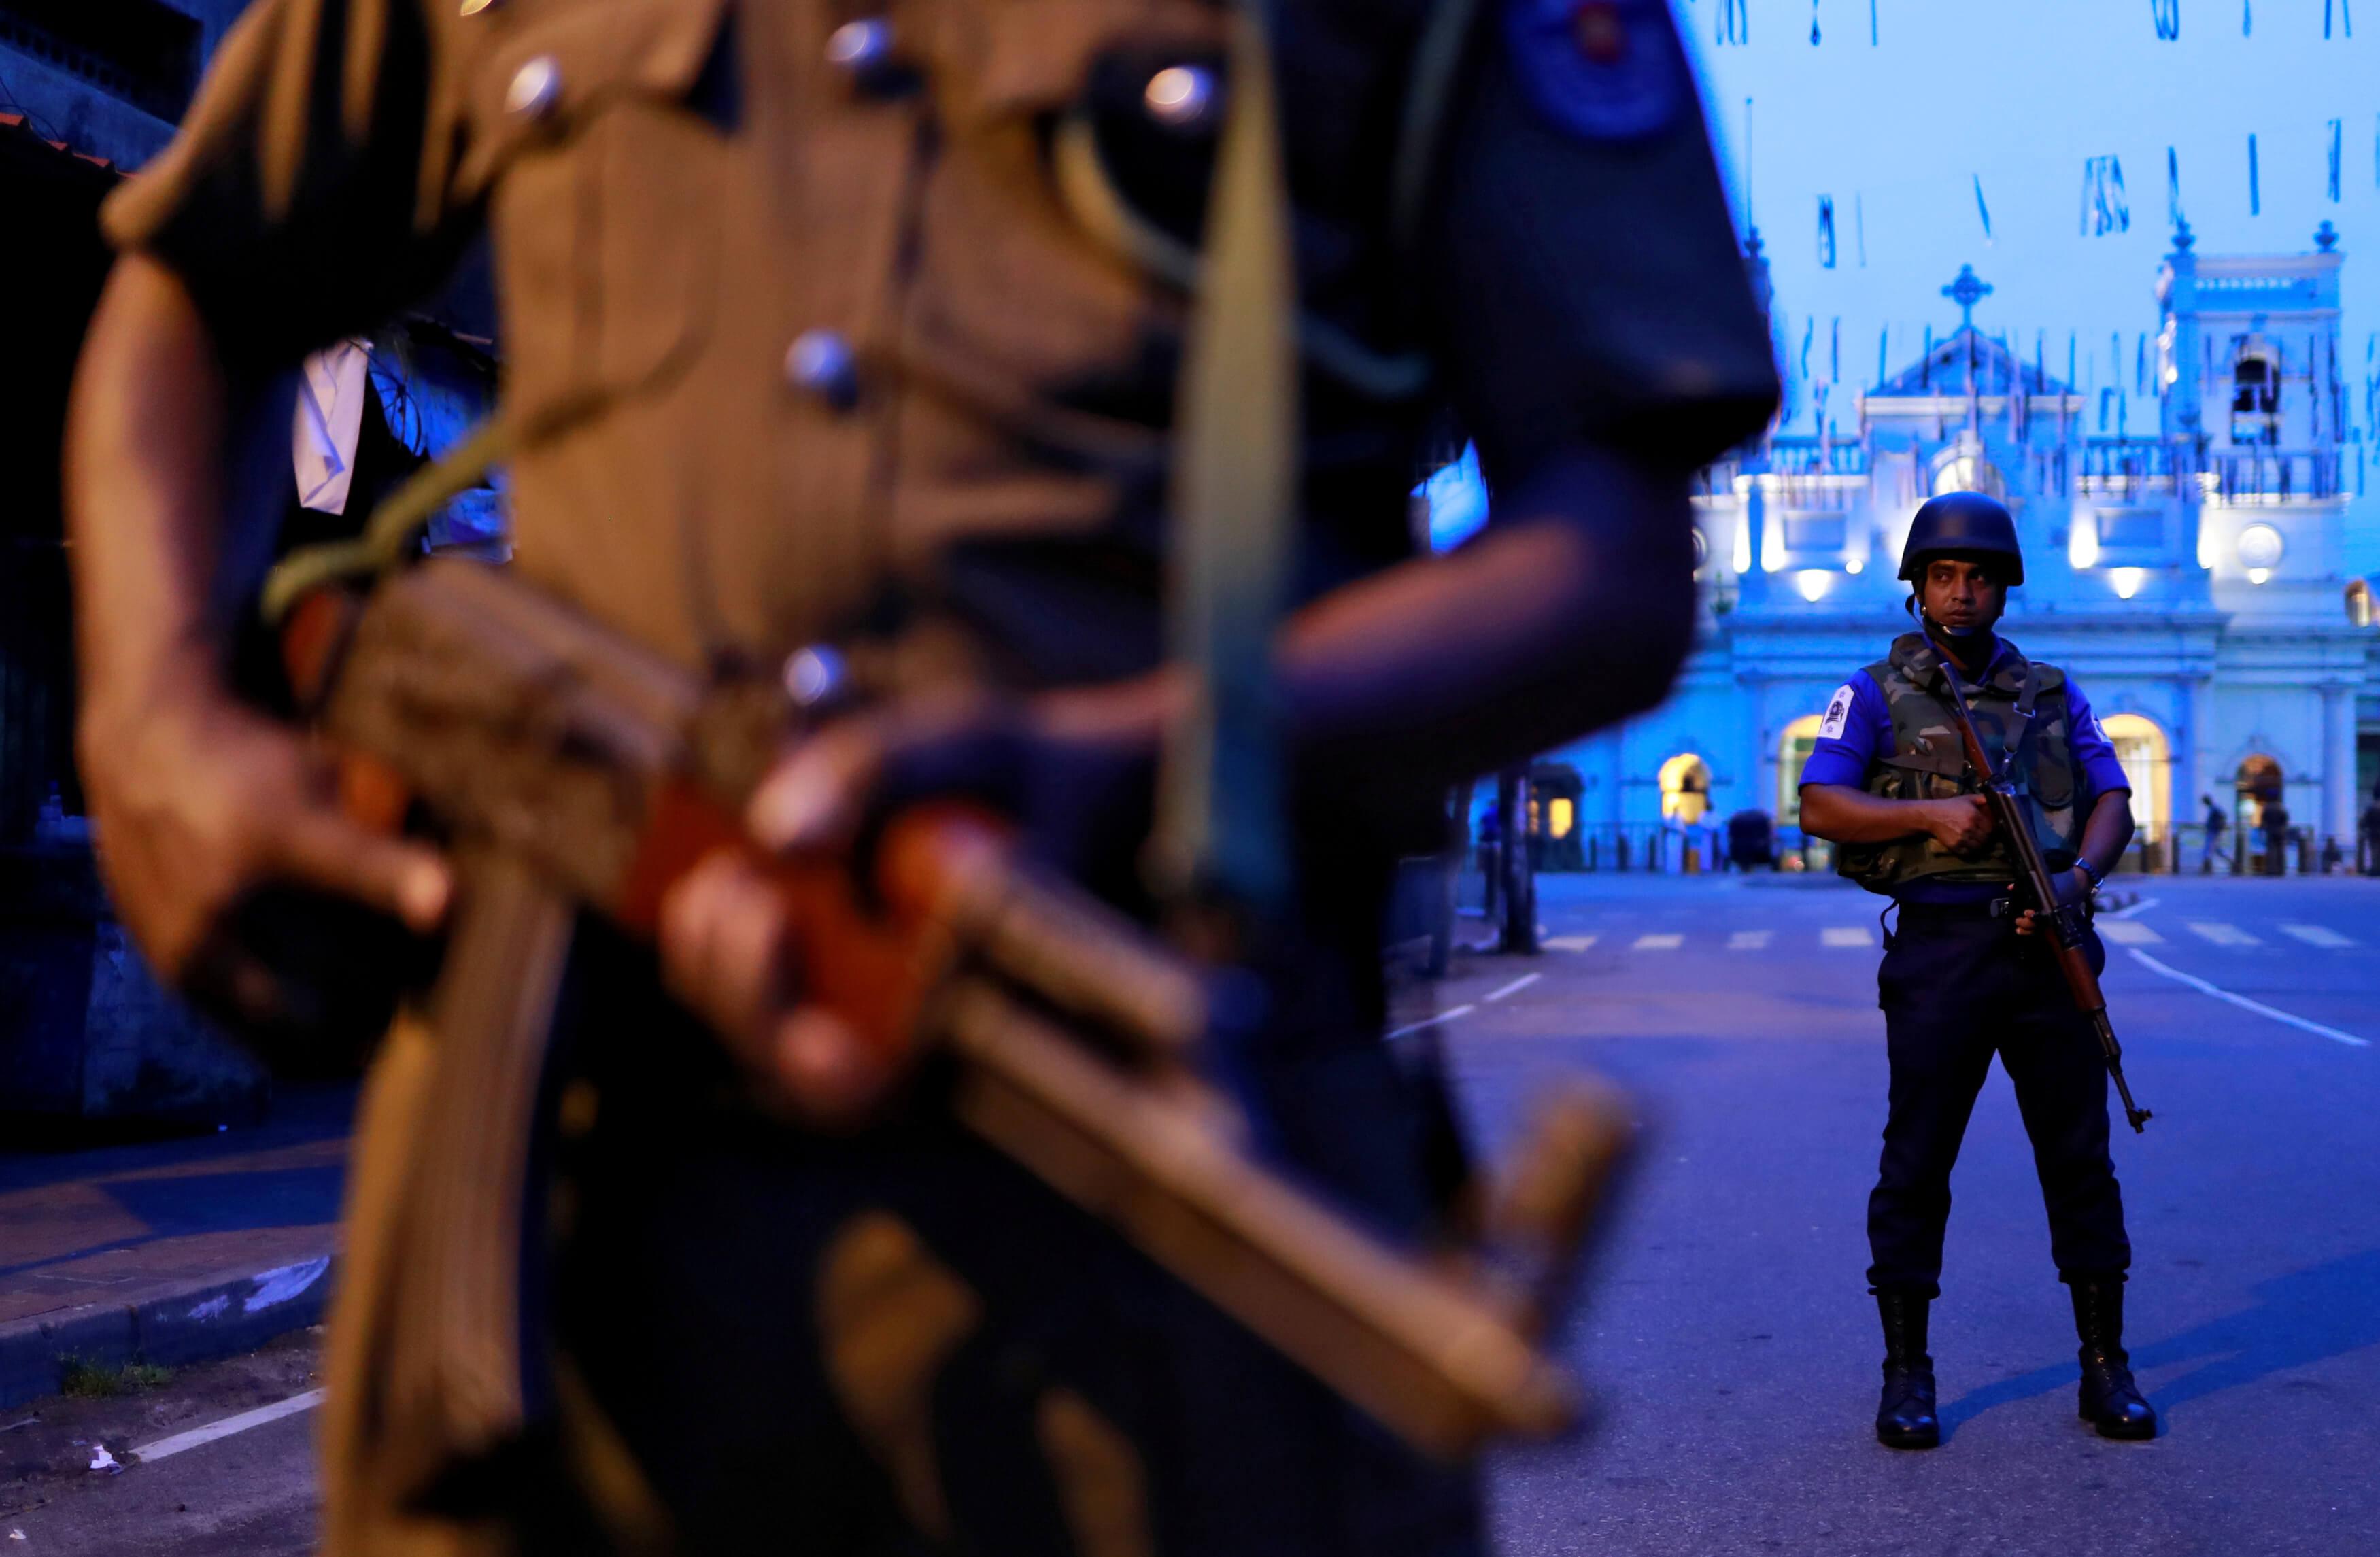 Σρι Λάνκα: Ξανά σε εφαρμογή η θανατική ποινή – Προσελήφθησαν δύο δήμιοι